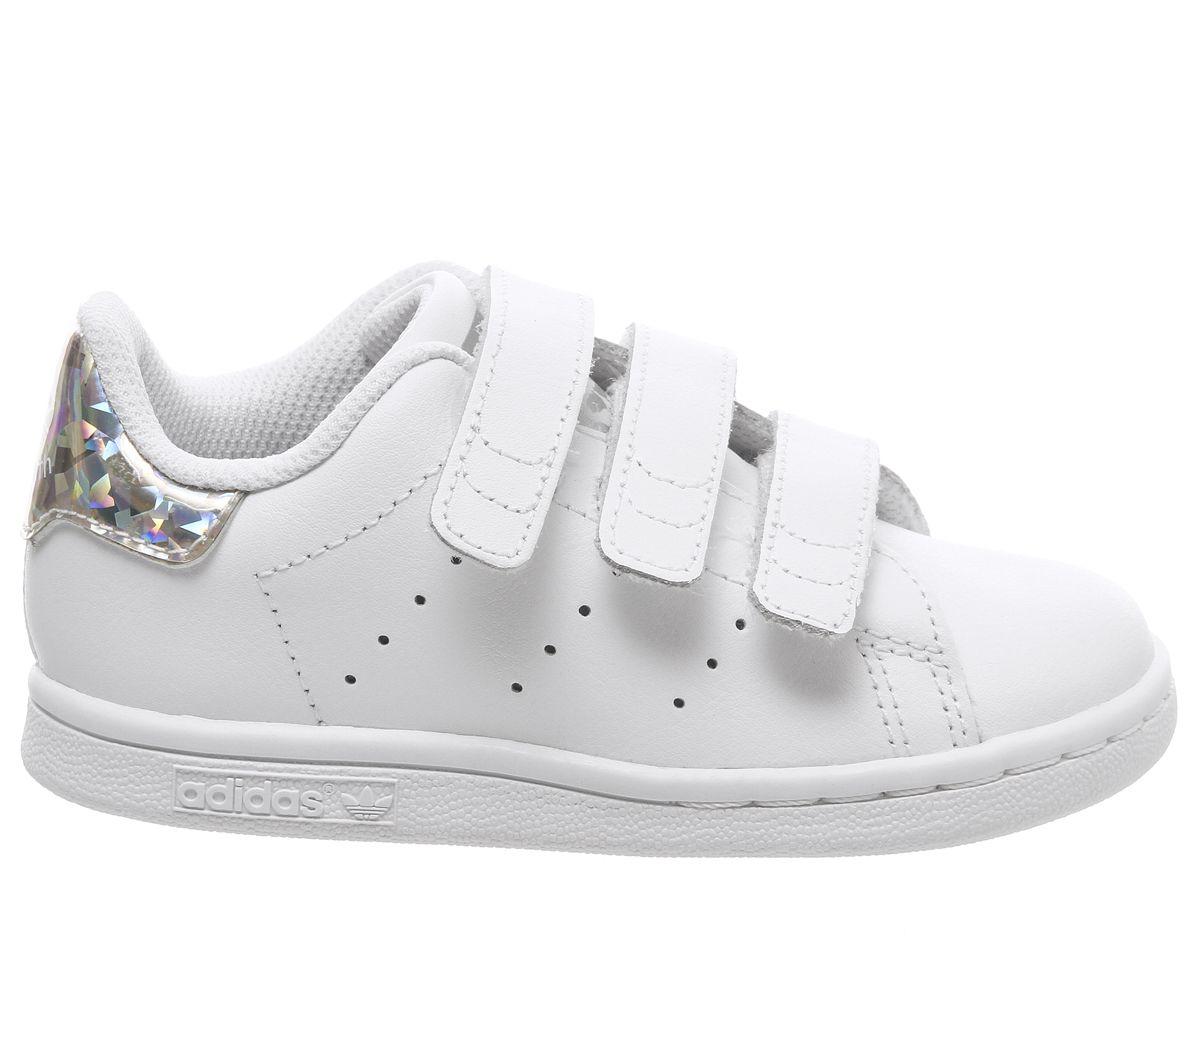 Détails sur Enfants Adidas Stan Smith Cf Td 3 9 Baskets Blanc Argent Métallisé Enfants